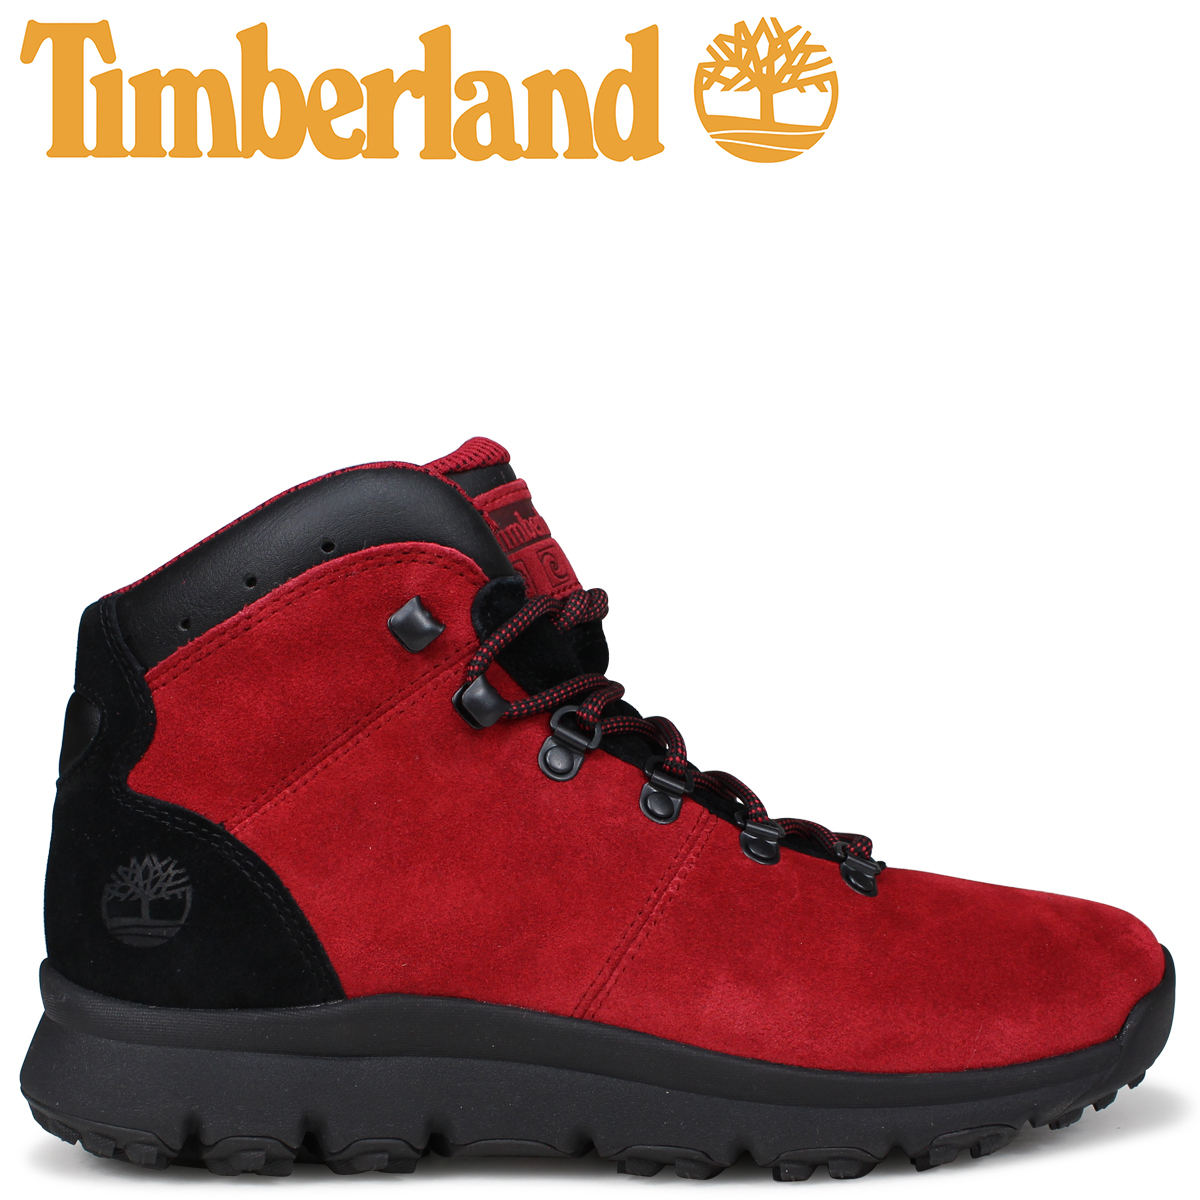 Timberland ブーツ メンズ ティンバーランド WORLD HIKER A1RBE Mワイズ ミディアムレッド